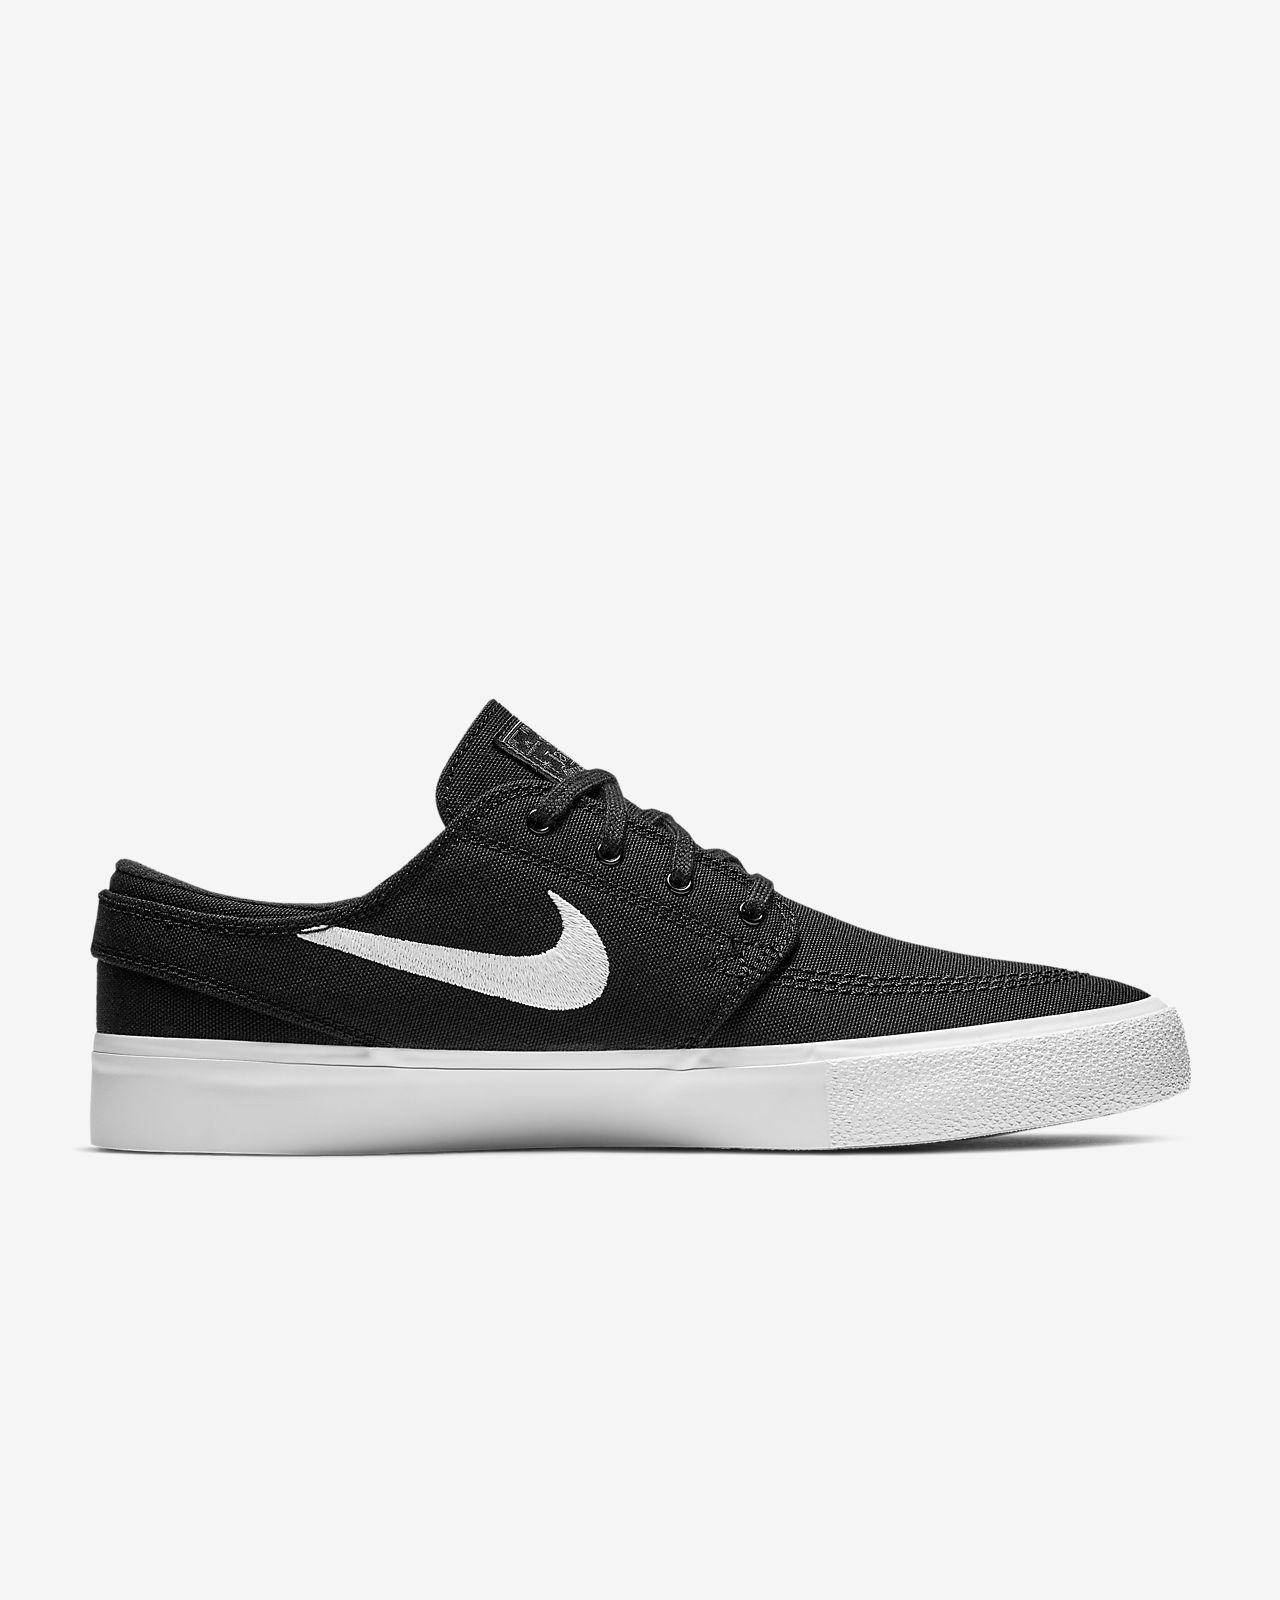 Nike SB Shoes Zoom Janoski RM BlackWhiteThunder Grey